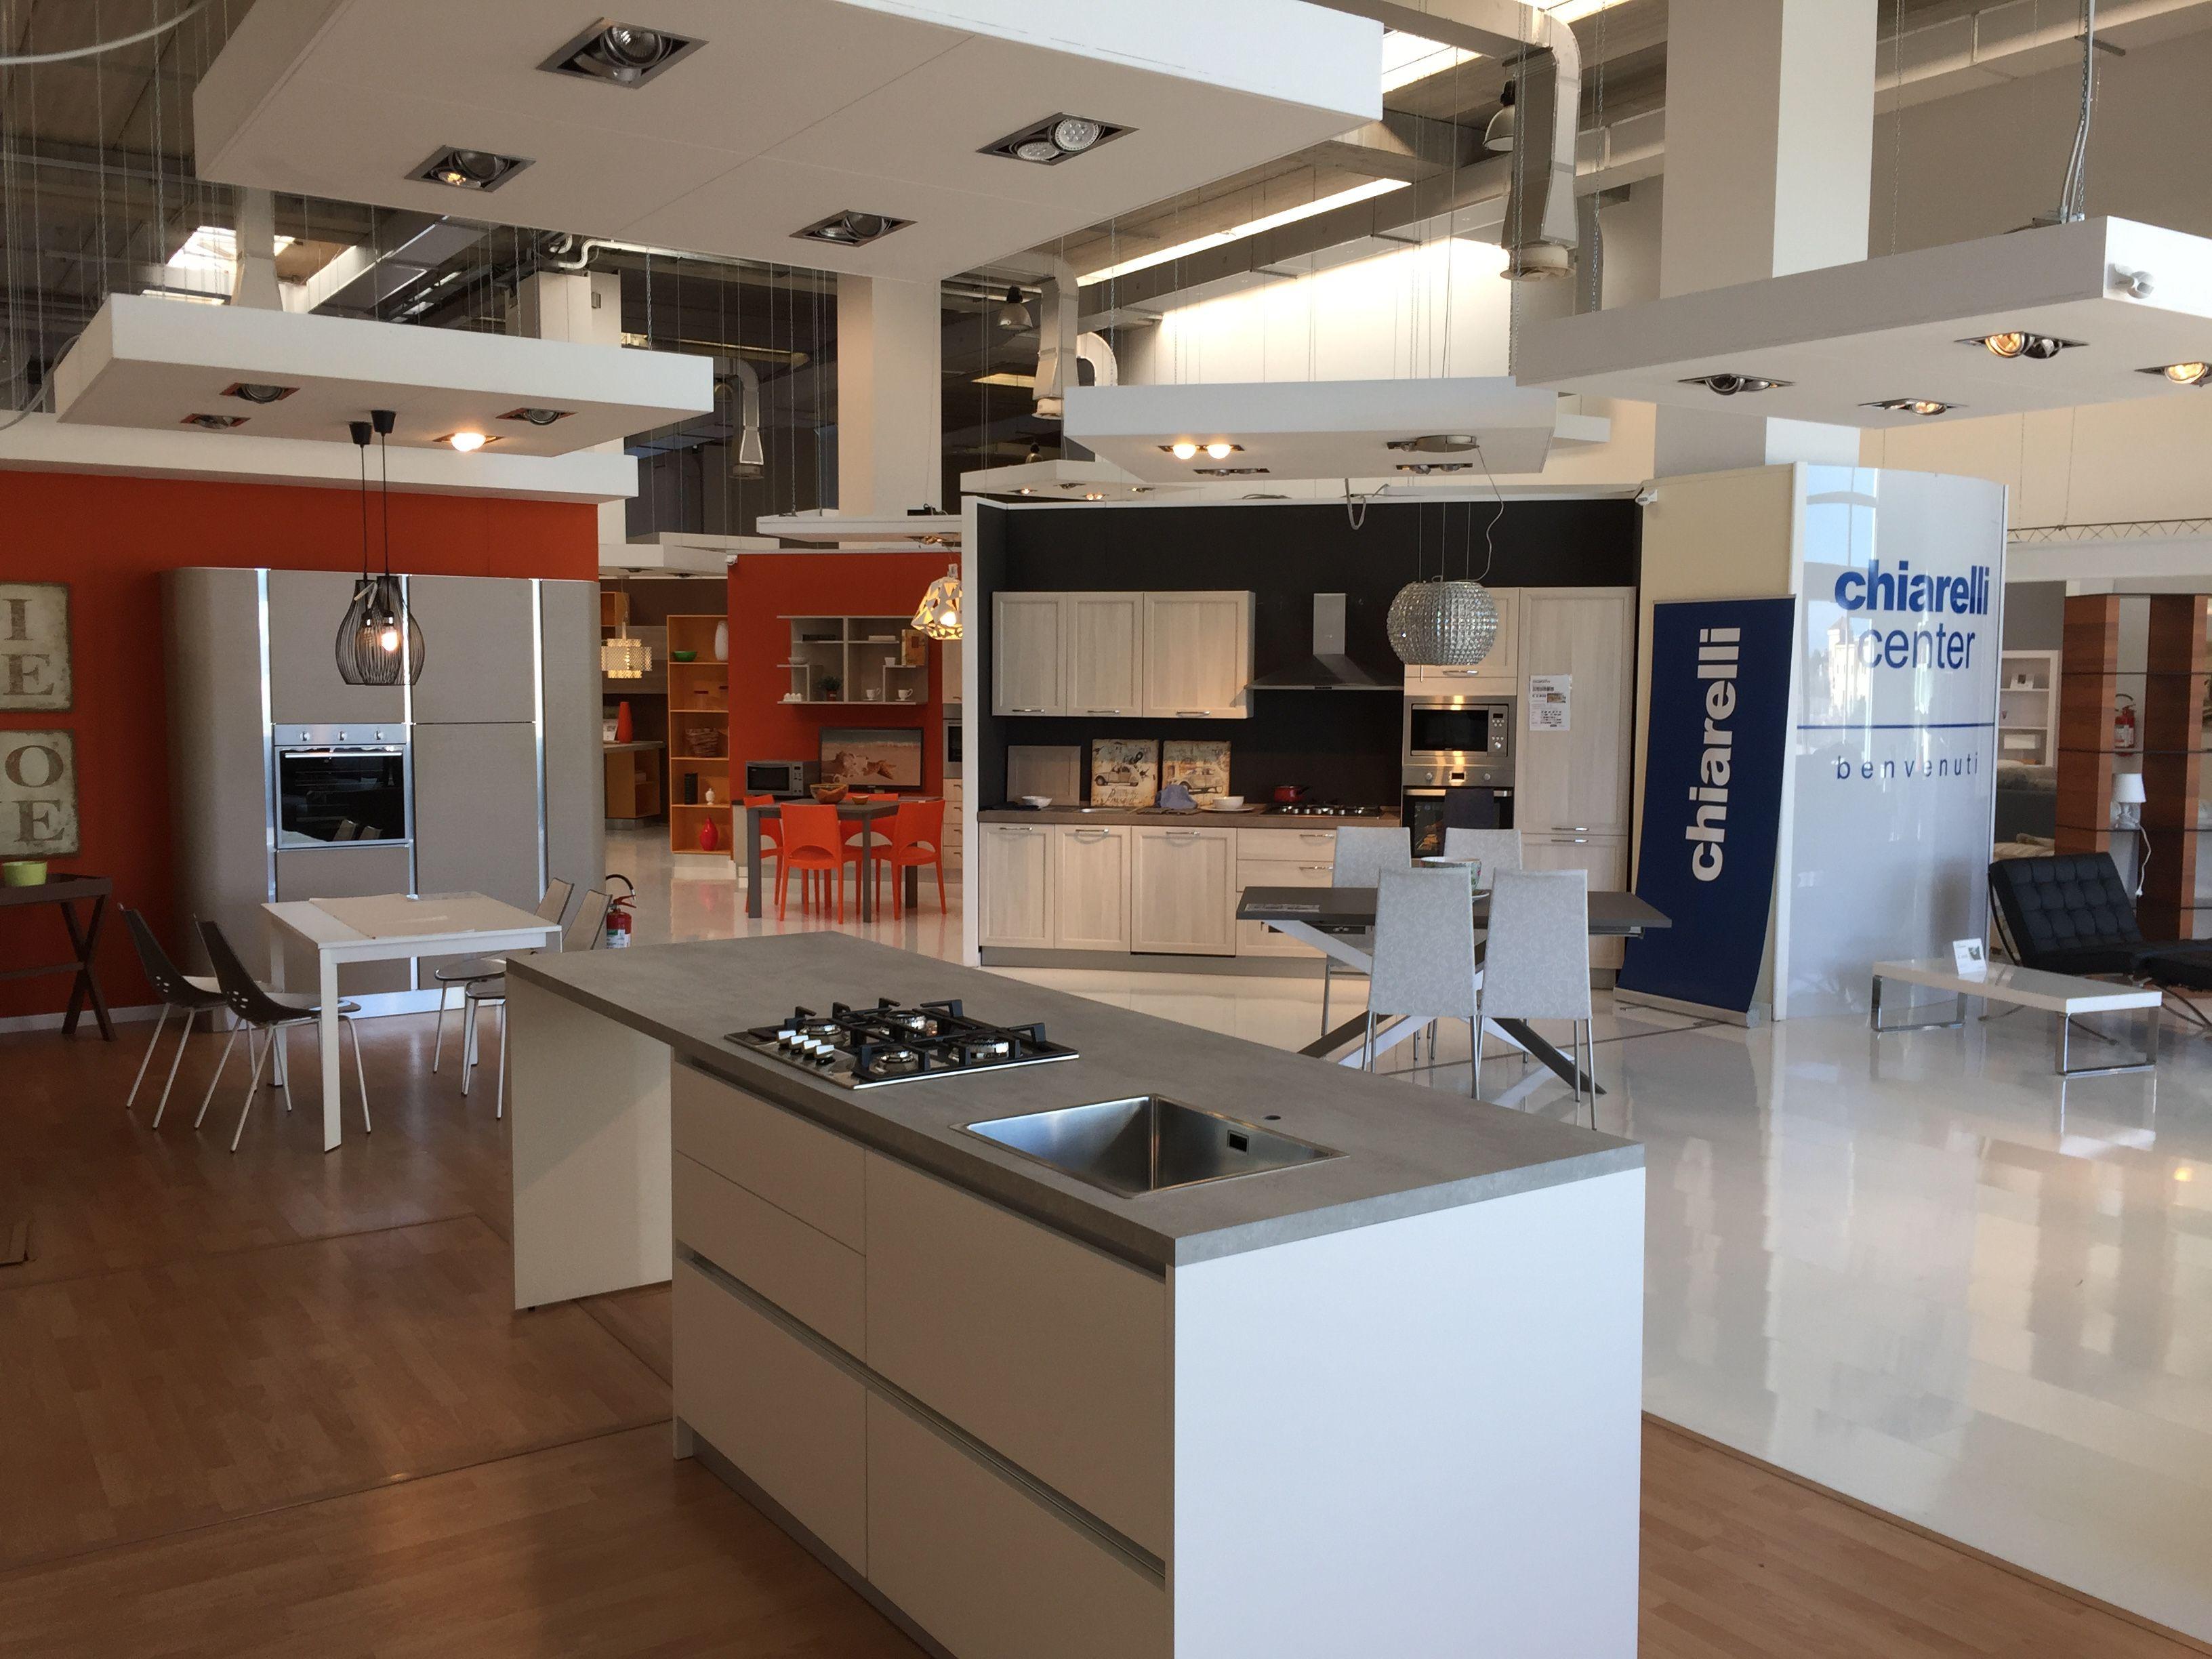 Chiarelli center arredamenti bari modugno divani cucine for Mobili gratis a milano